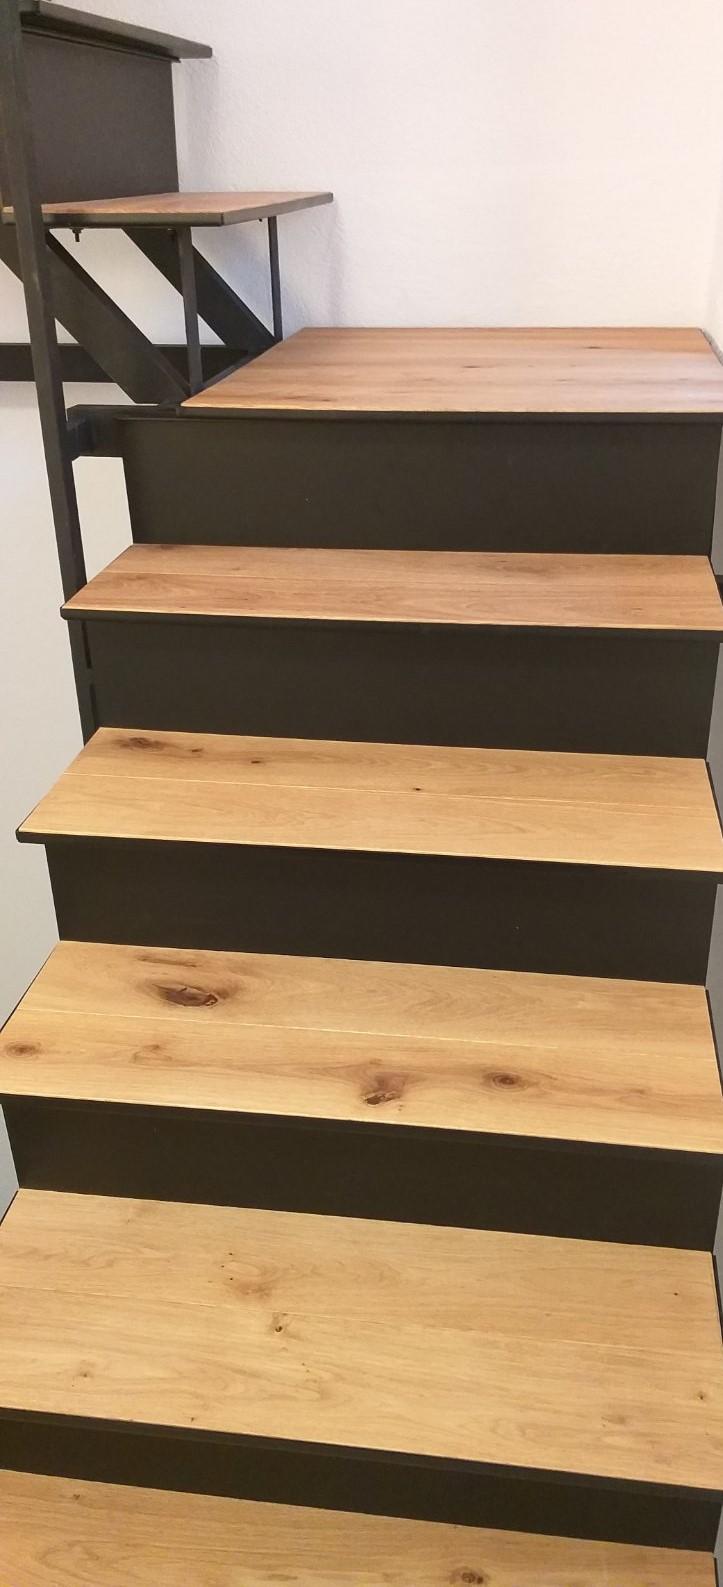 Polaganje lesenih pohodnih plošč na kovinske stopnice